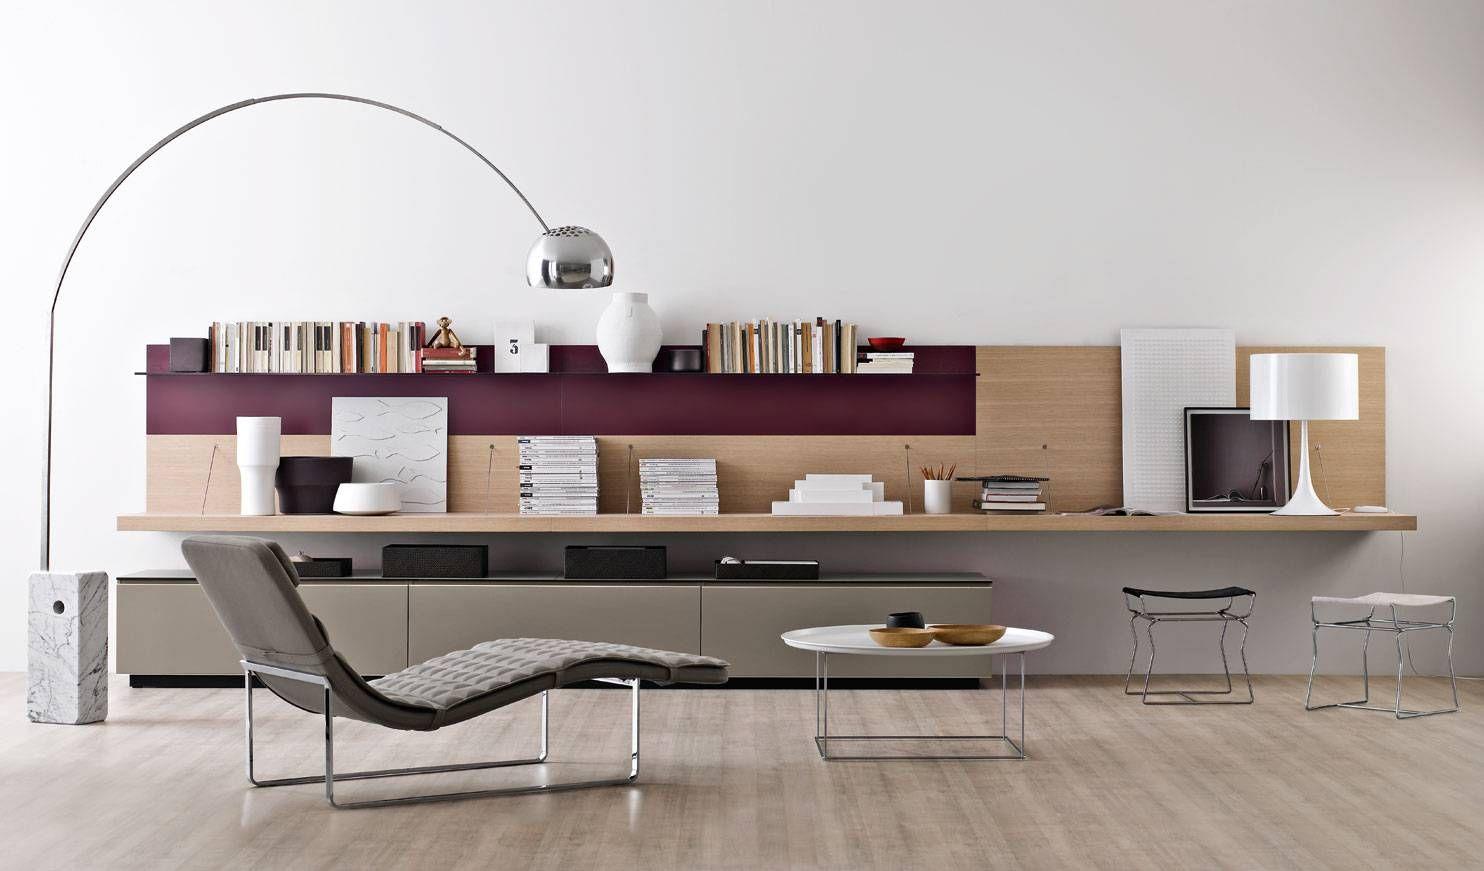 Sistema Pab -B&B Italia - Diseño de Studio Kairos